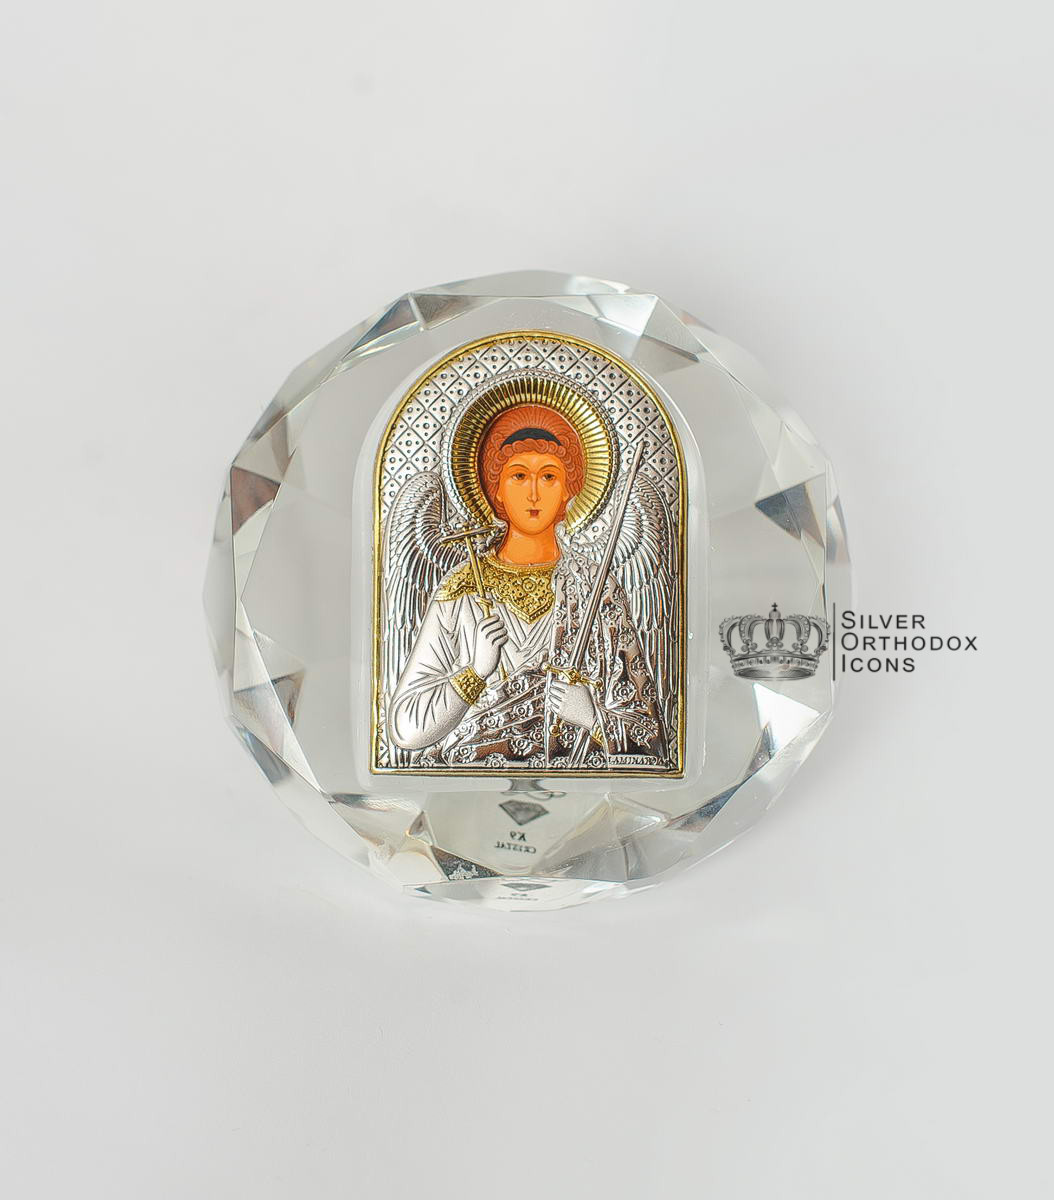 """Серебряная икона """"Ангел Хранитель"""" 8.1х8.1см в хрустальном стекле (Греция)"""